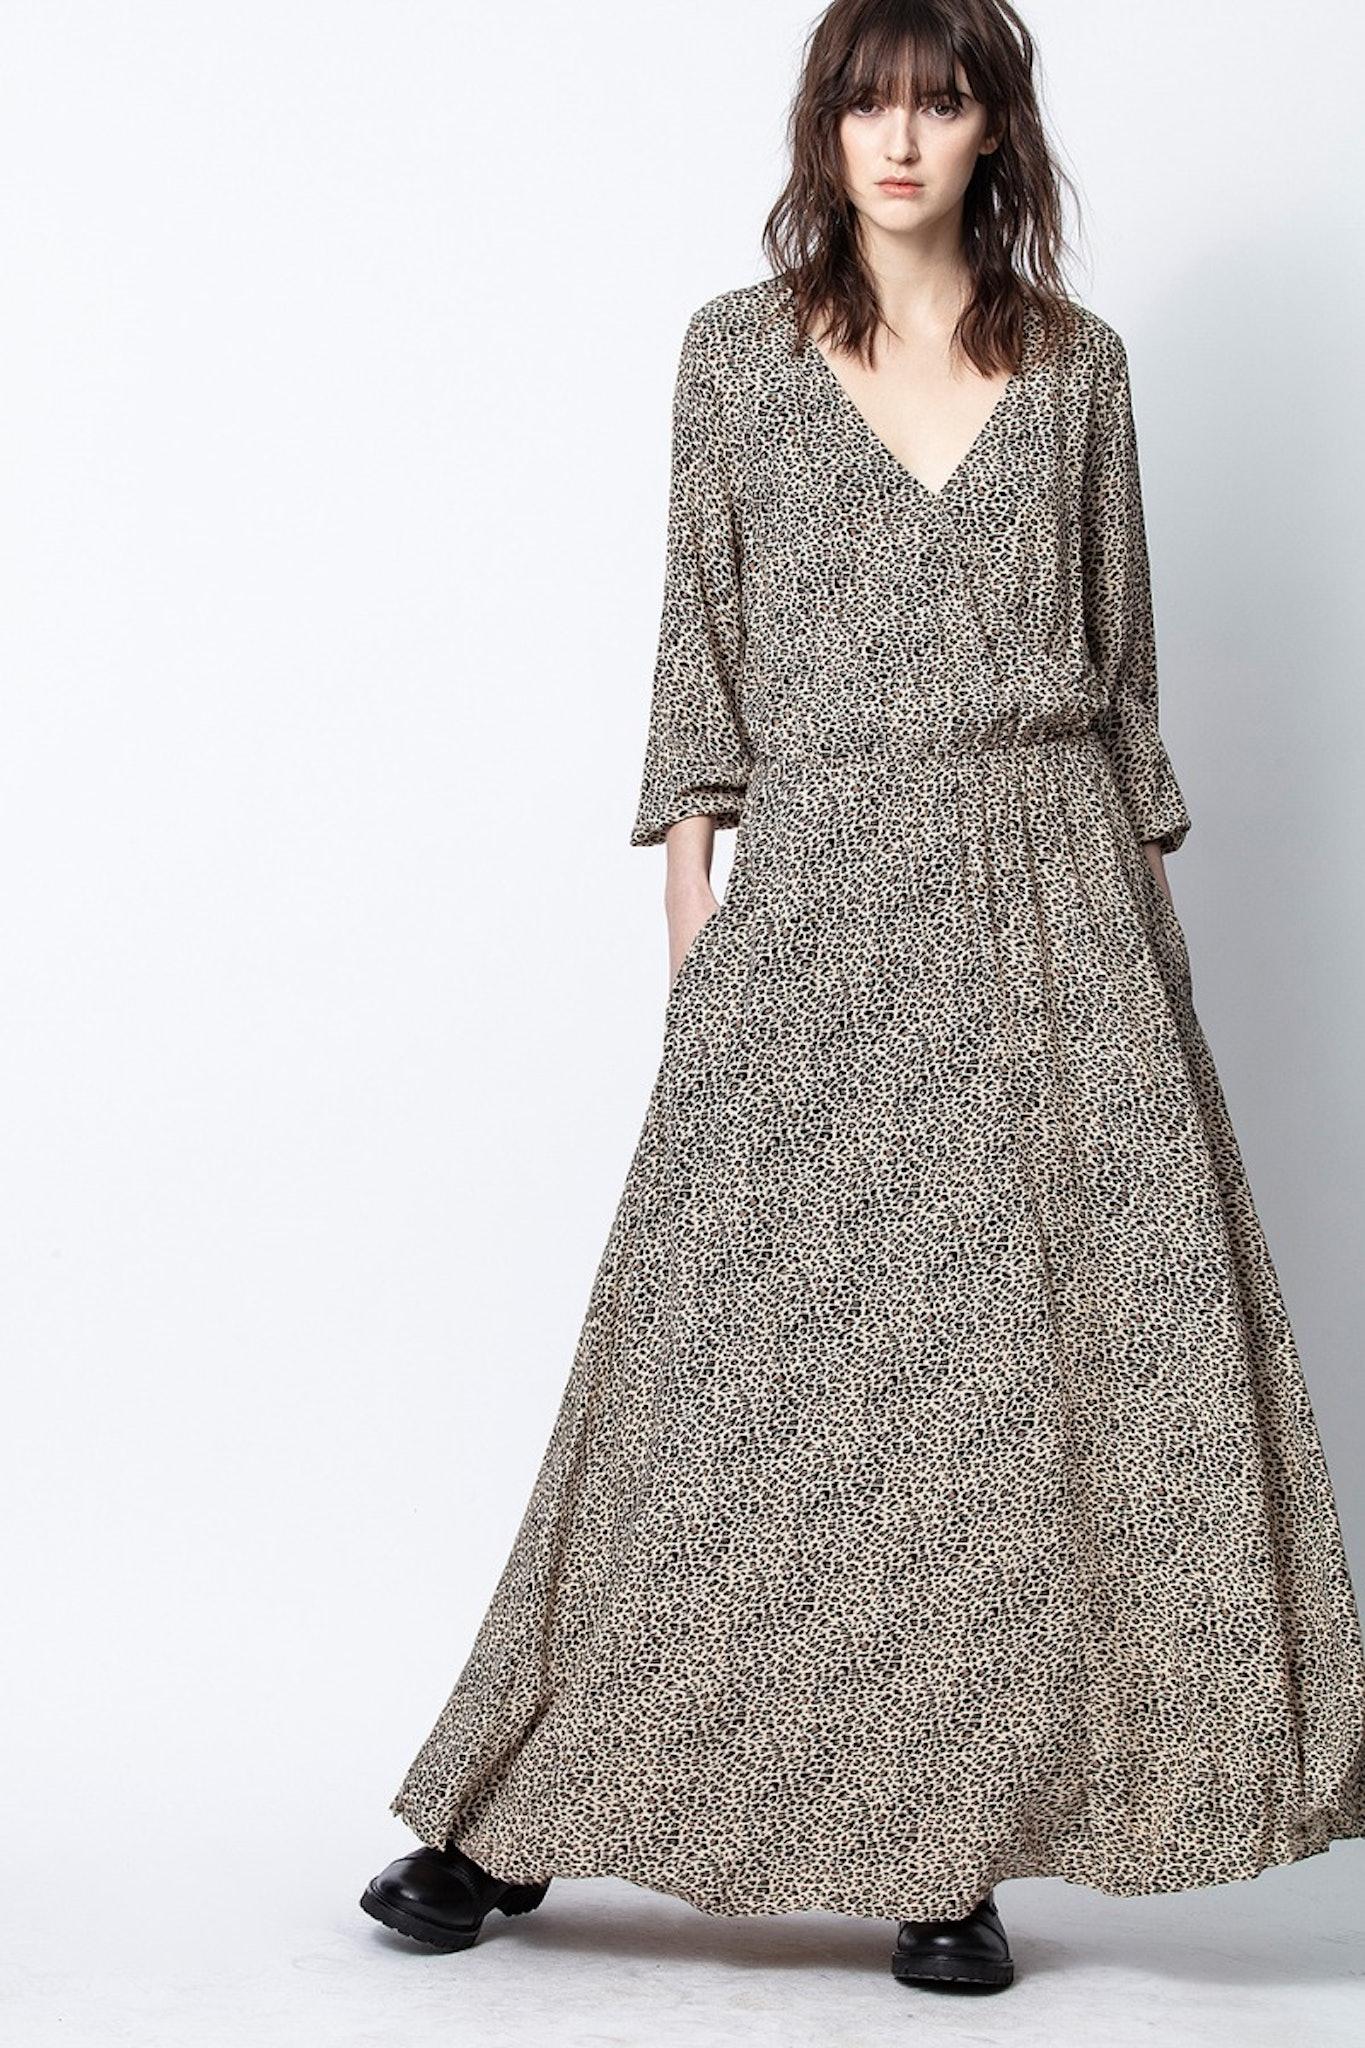 Rikko Mini Leo Dress